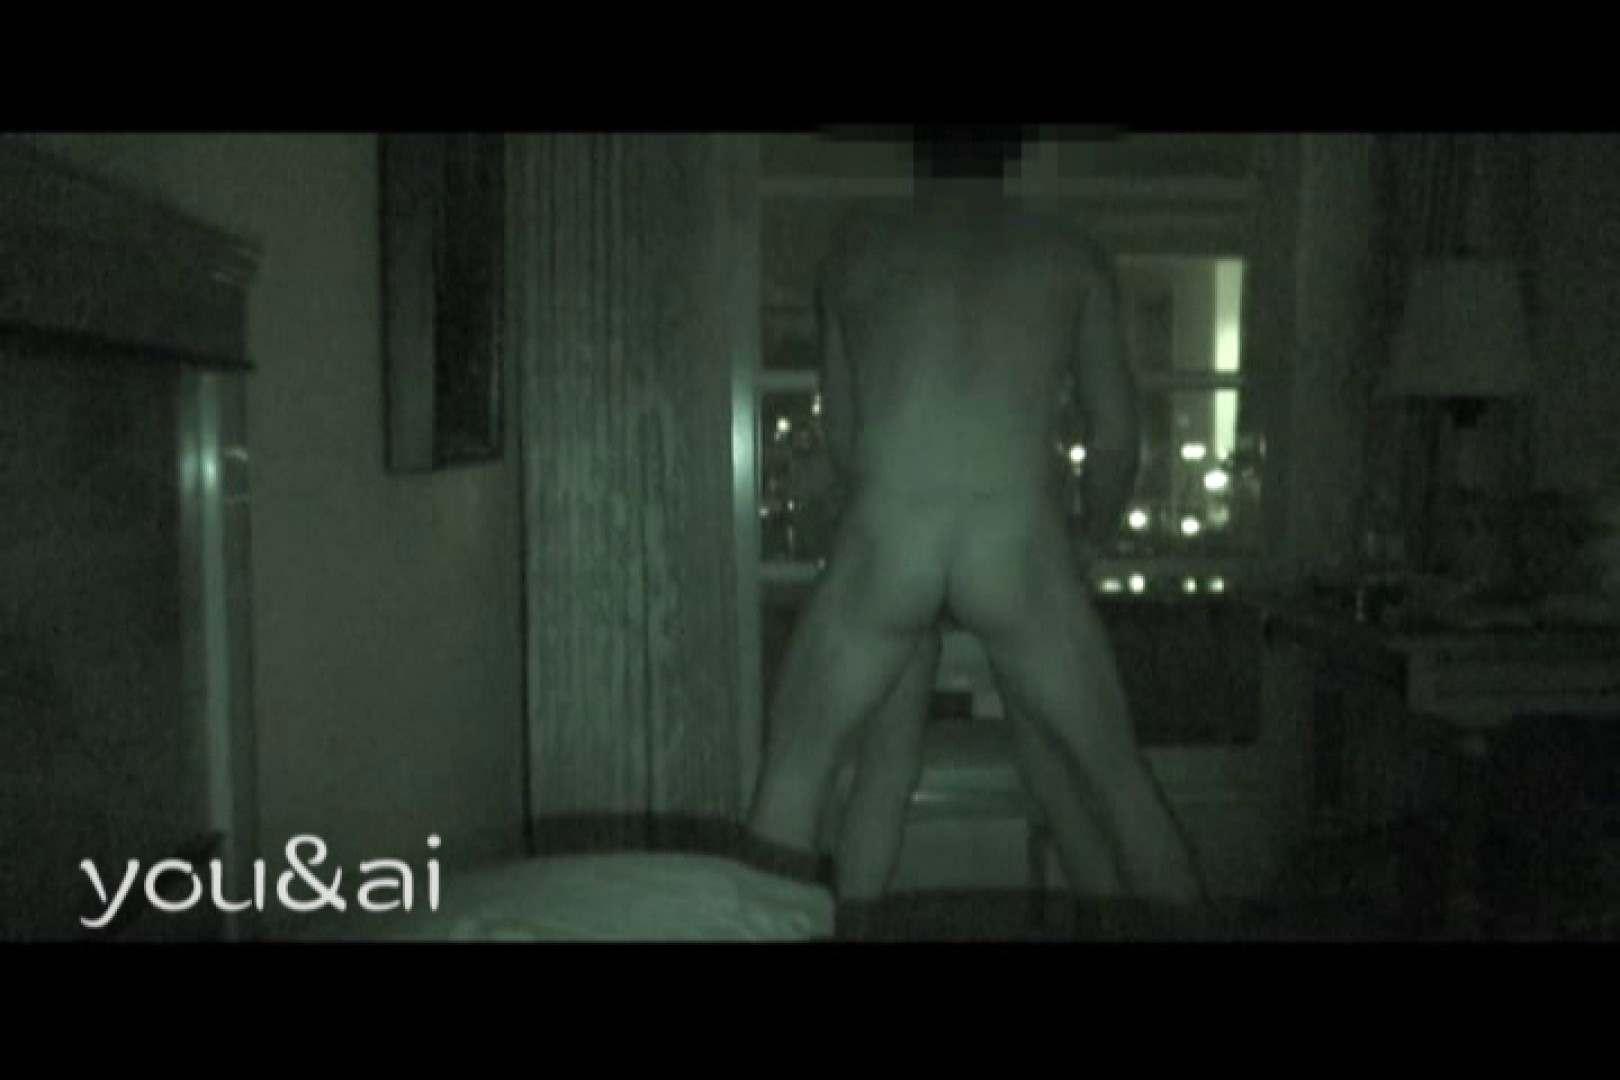 おしどり夫婦のyou&aiさん投稿作品vol.10 ホテル 濡れ場動画紹介 51PIX 32